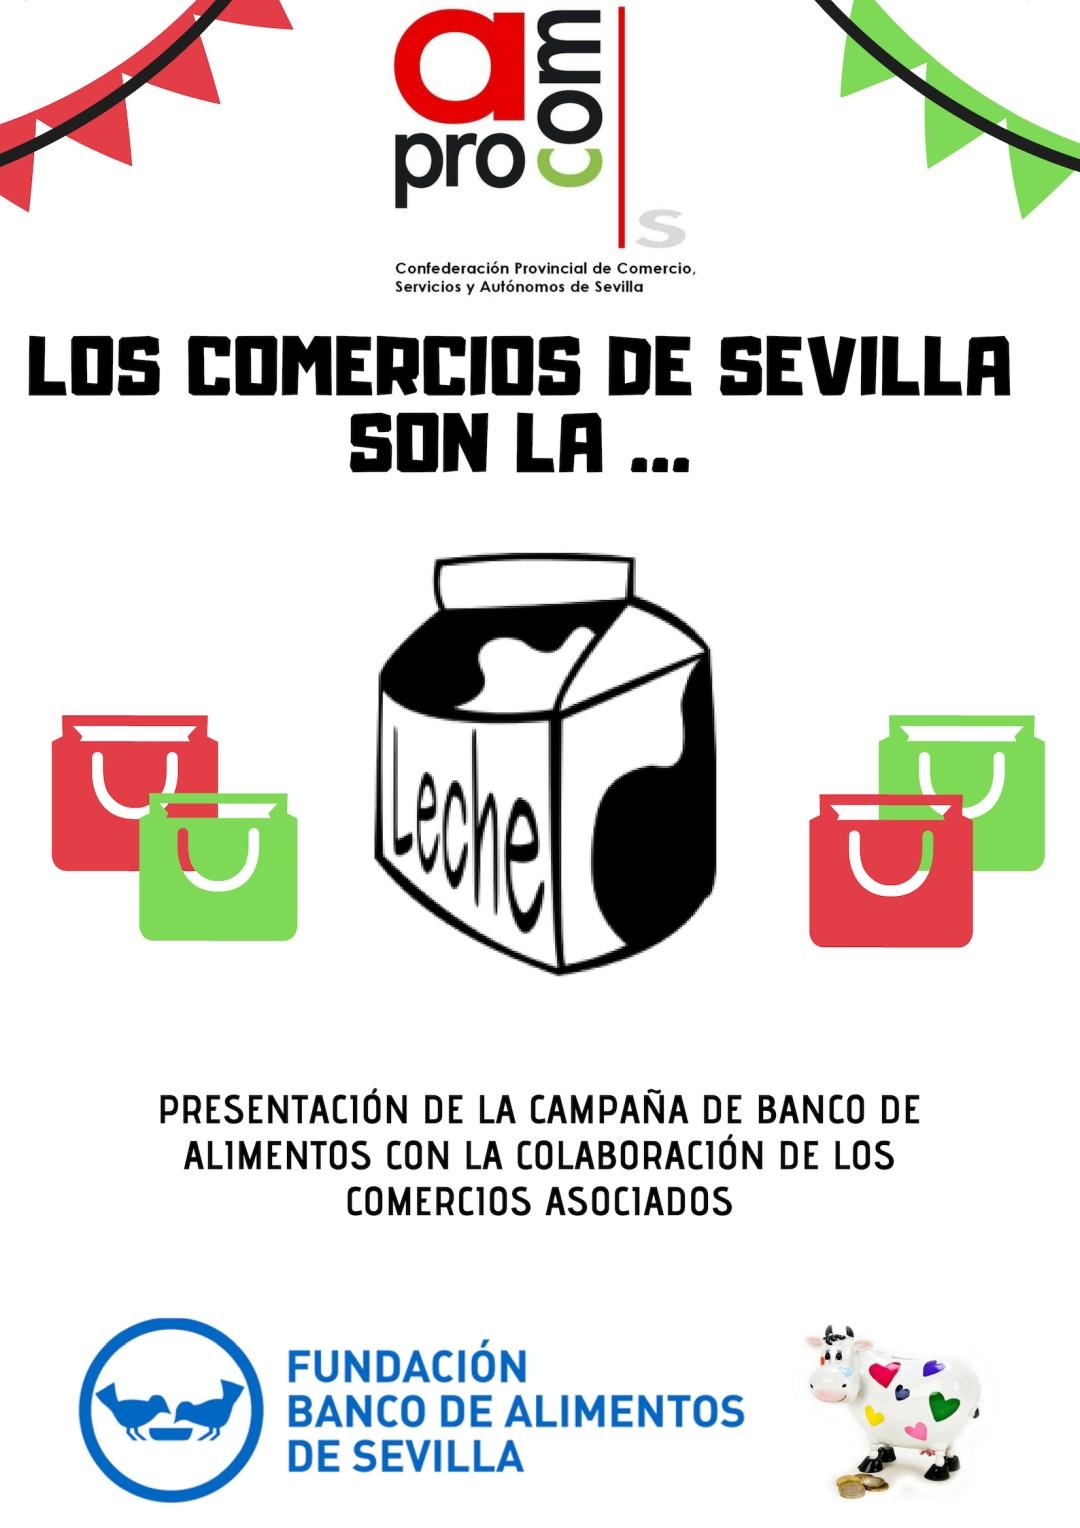 CARTEL APROCOM EL COMERCIO DE SEVILLA ES LA LECHE